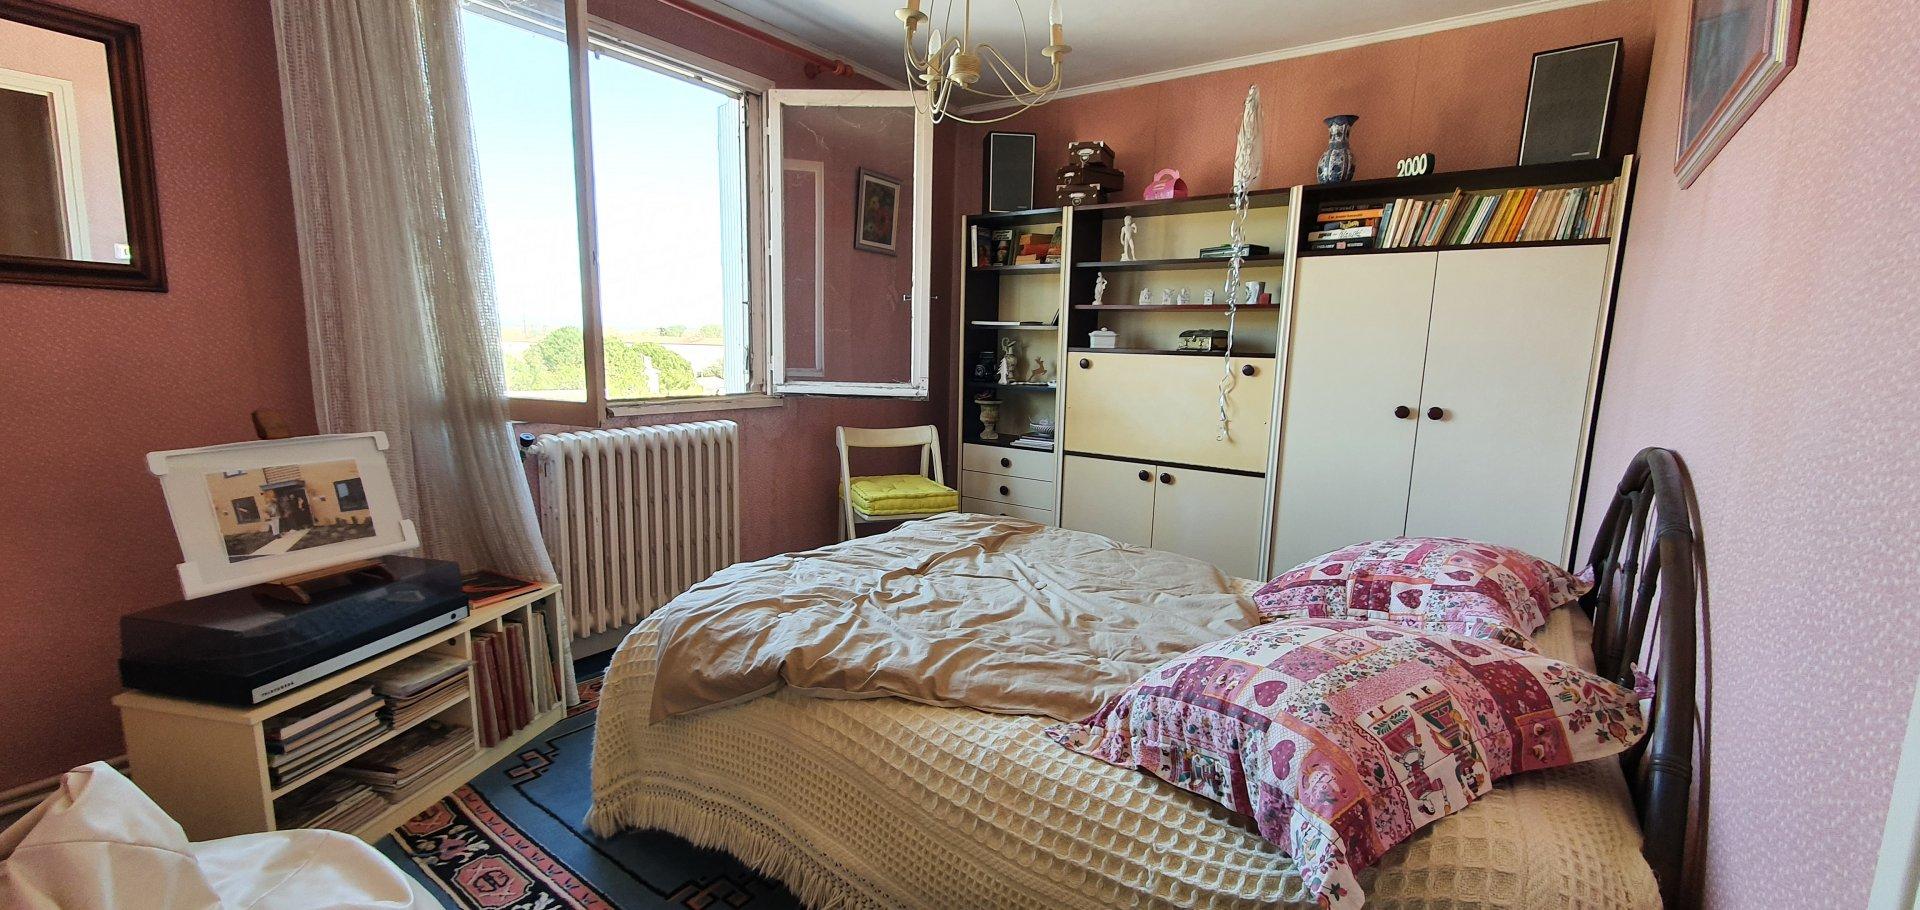 Maison avec terrasse et entrepots